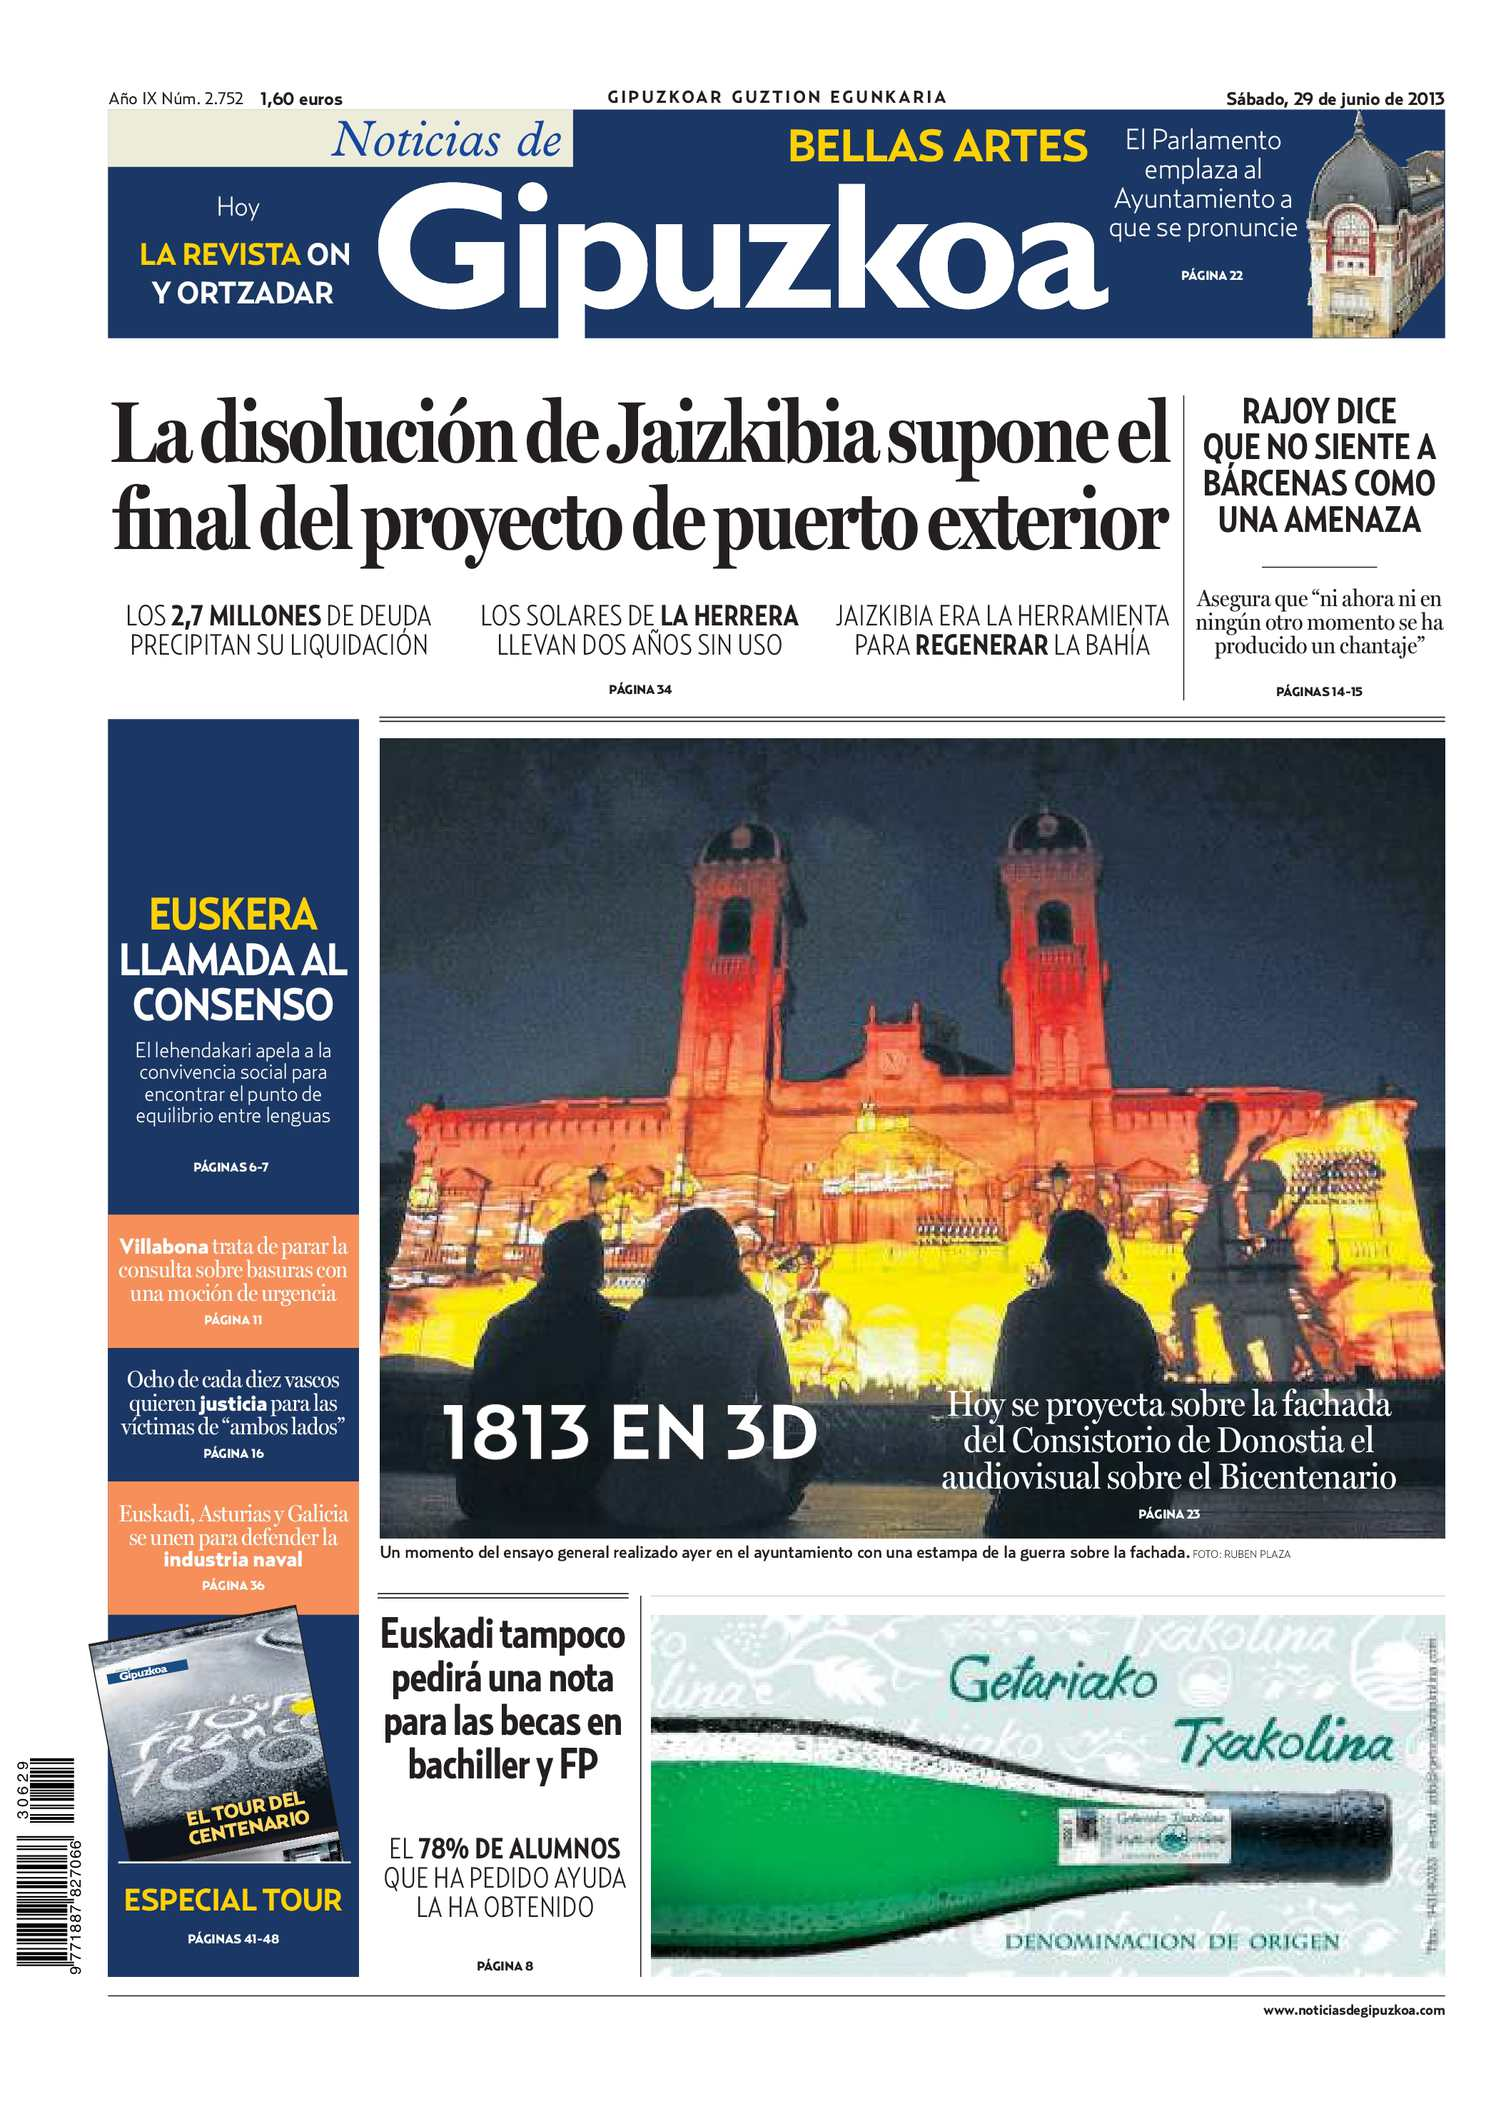 Calaméo - Noticias de Gipuzkoa 20130629 1ceefee9aace5